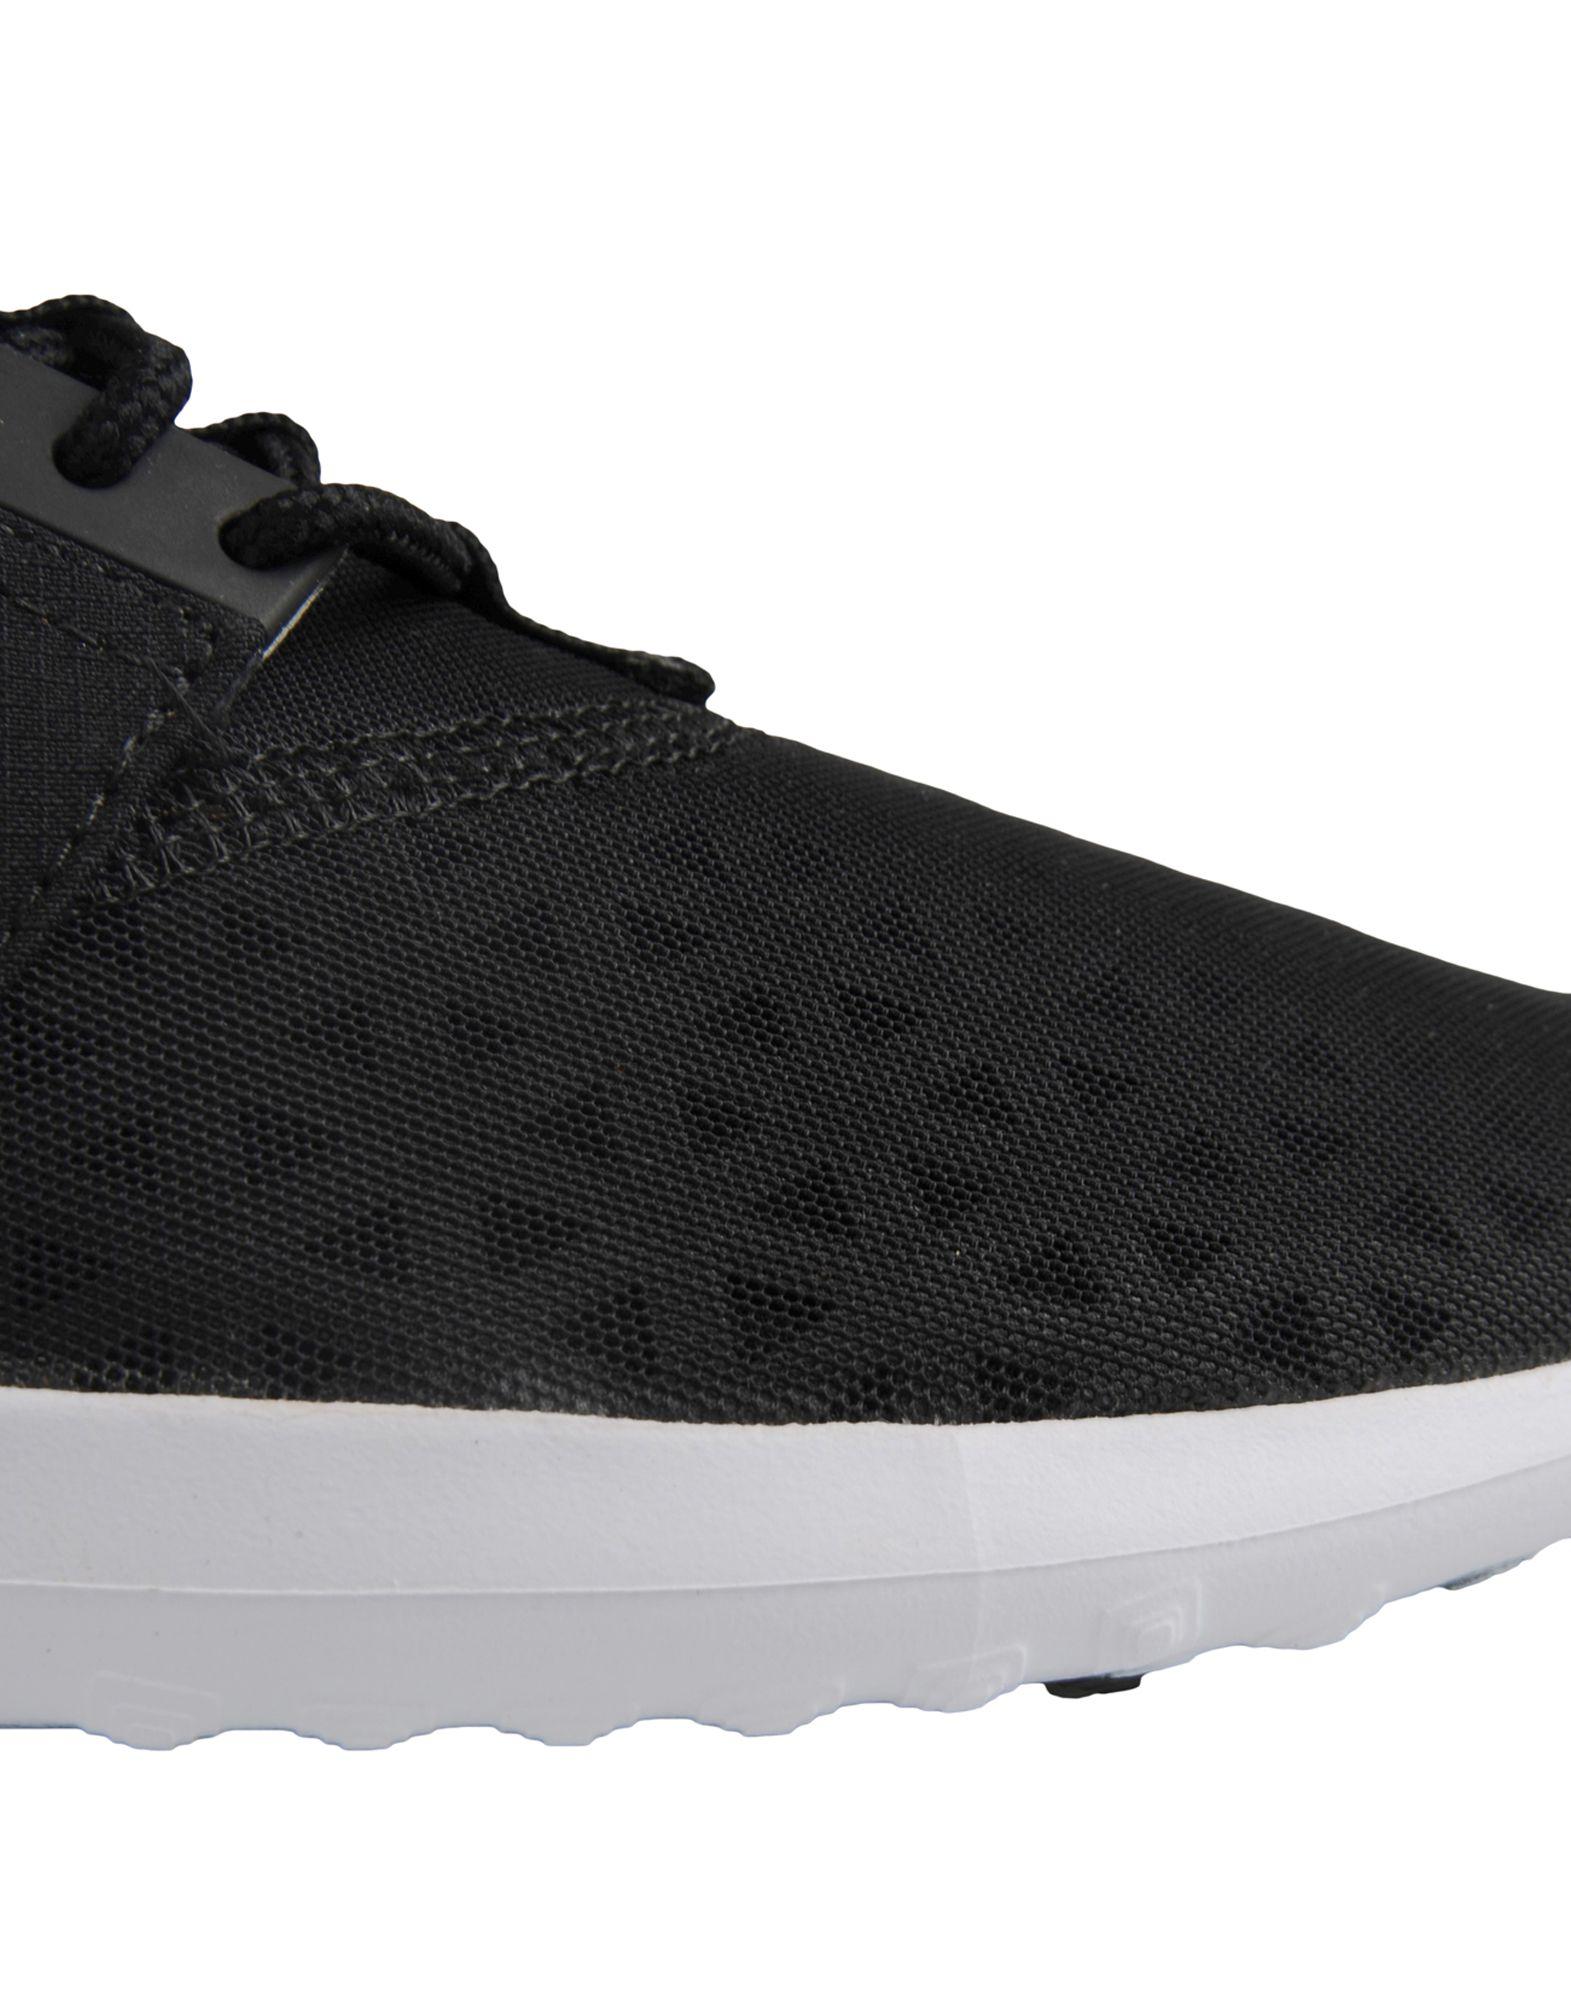 Sneakers Nike Wmns Nike Juvenate - Femme - Sneakers Nike sur